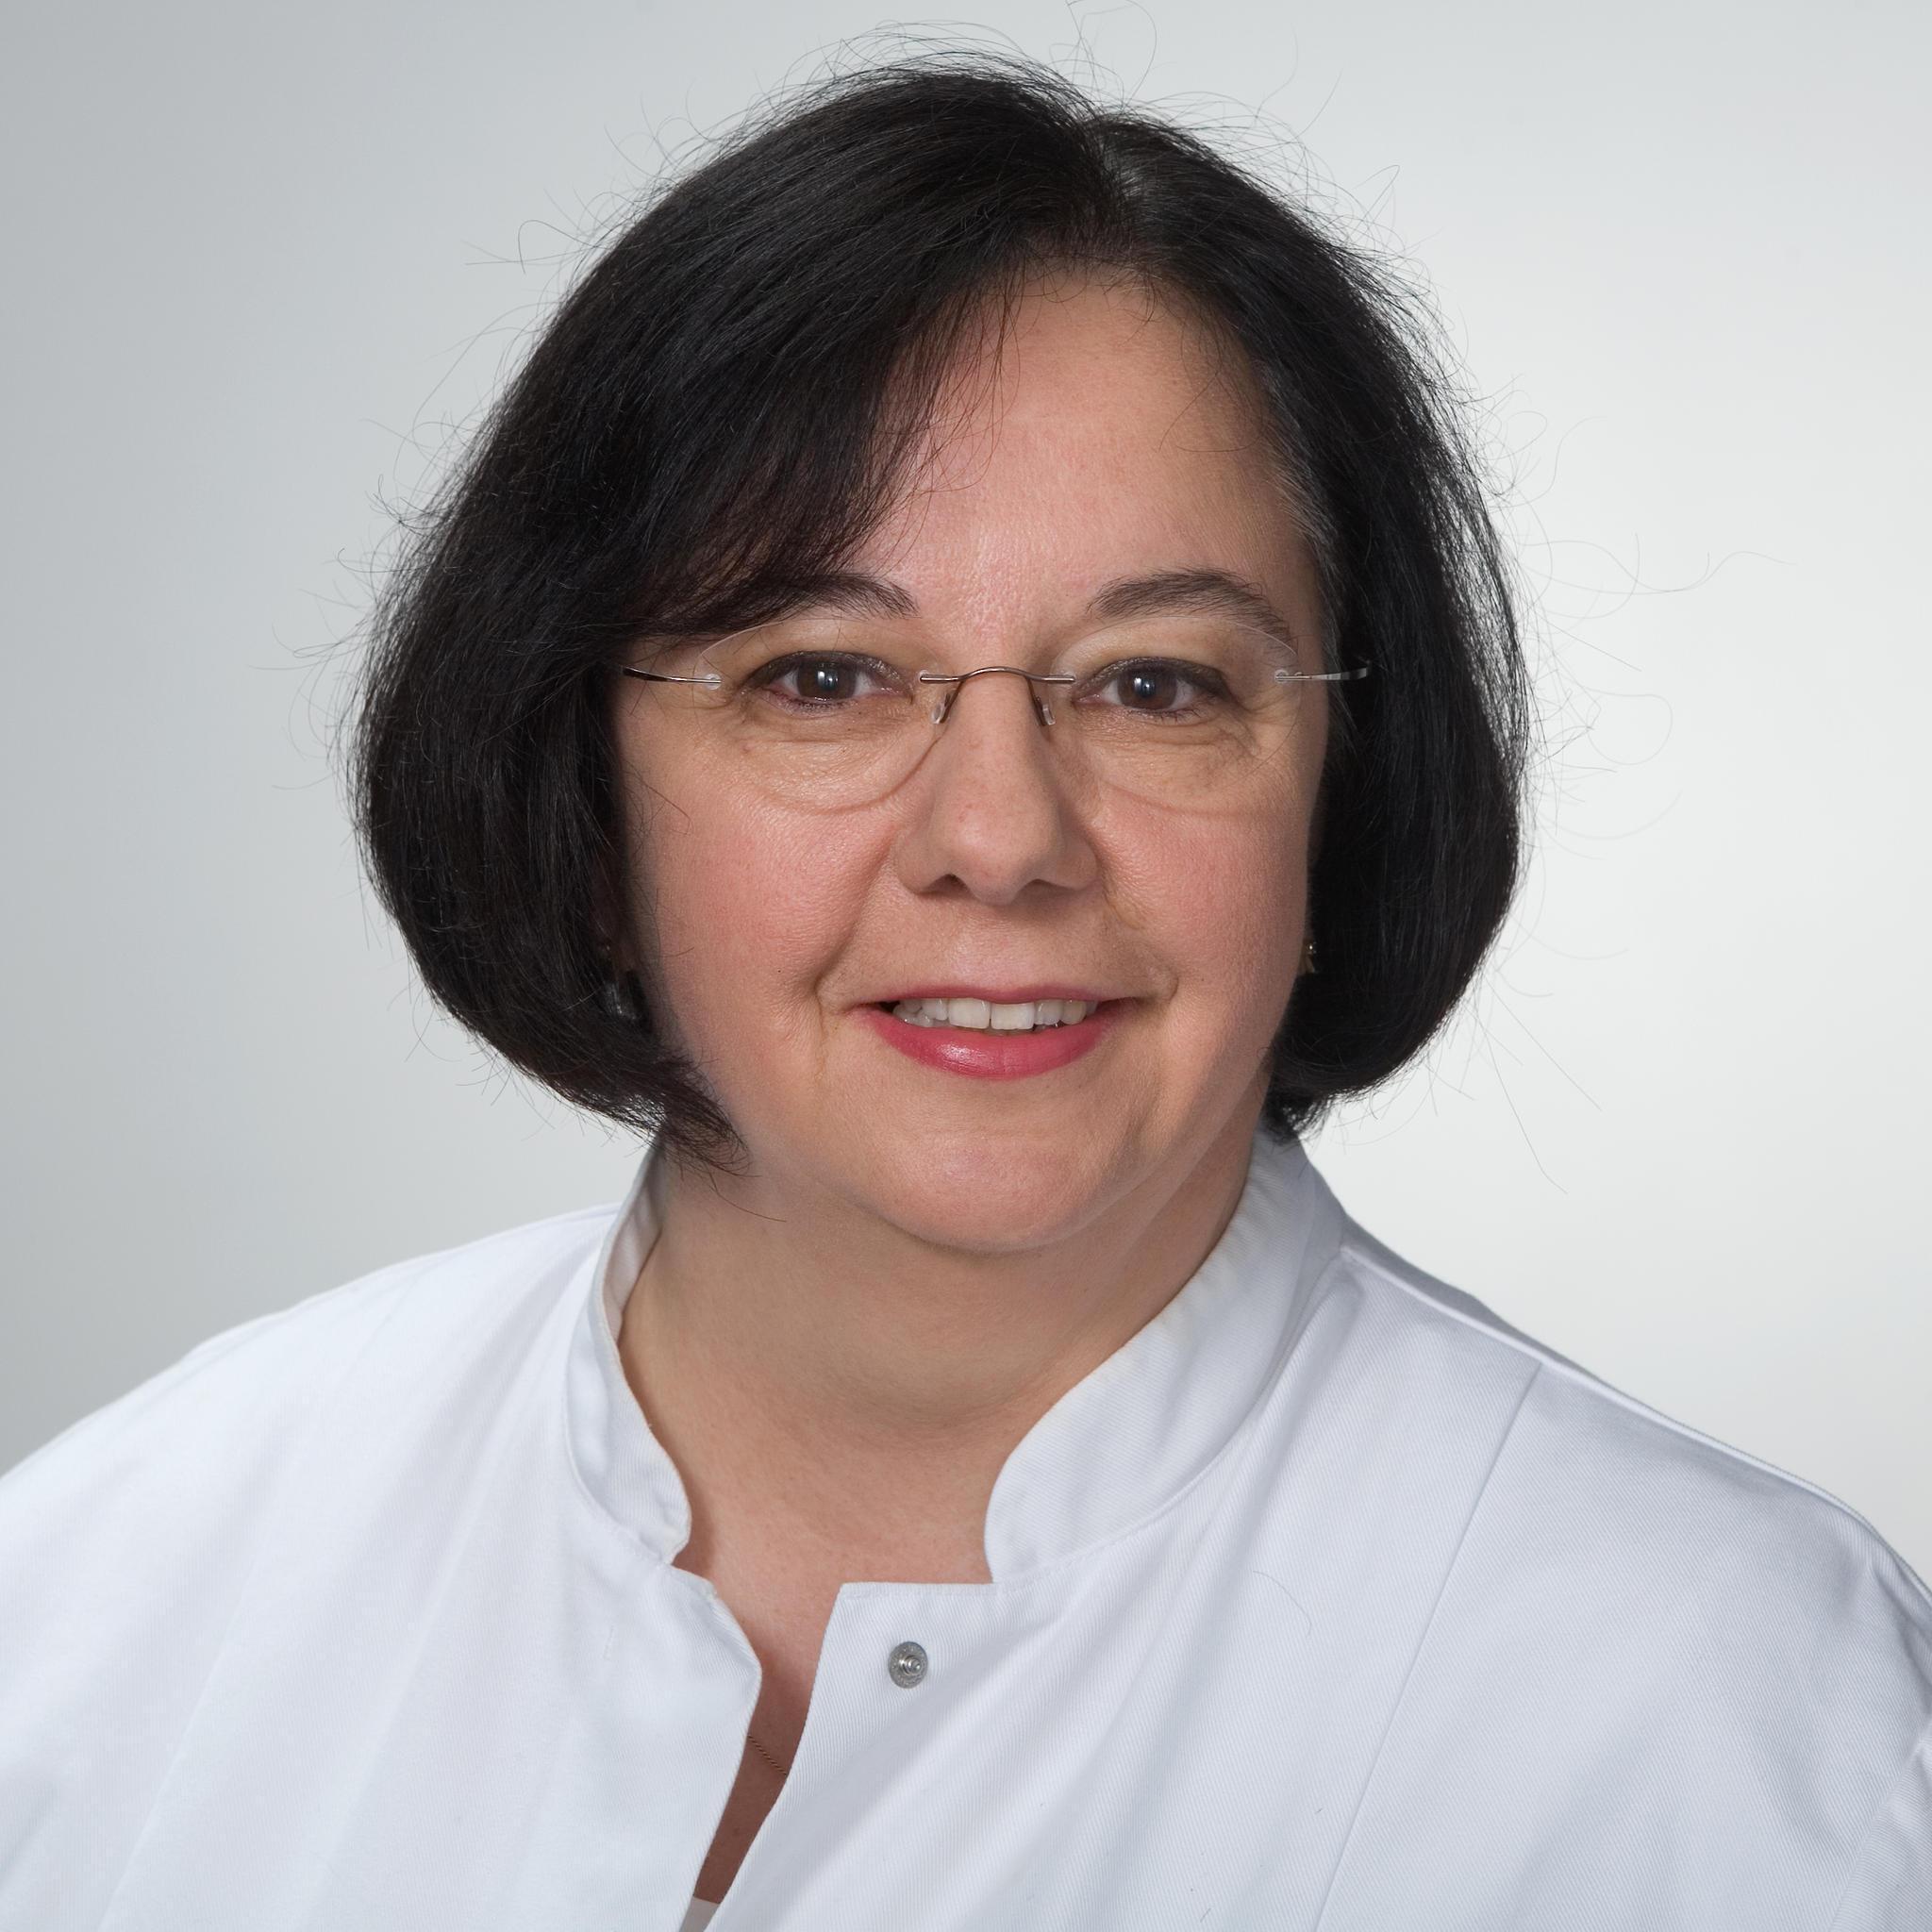 Dr. med. Vera van Ackeren, Oberärztin desLungenzentrum am Marienkrankenhaus Hamburg